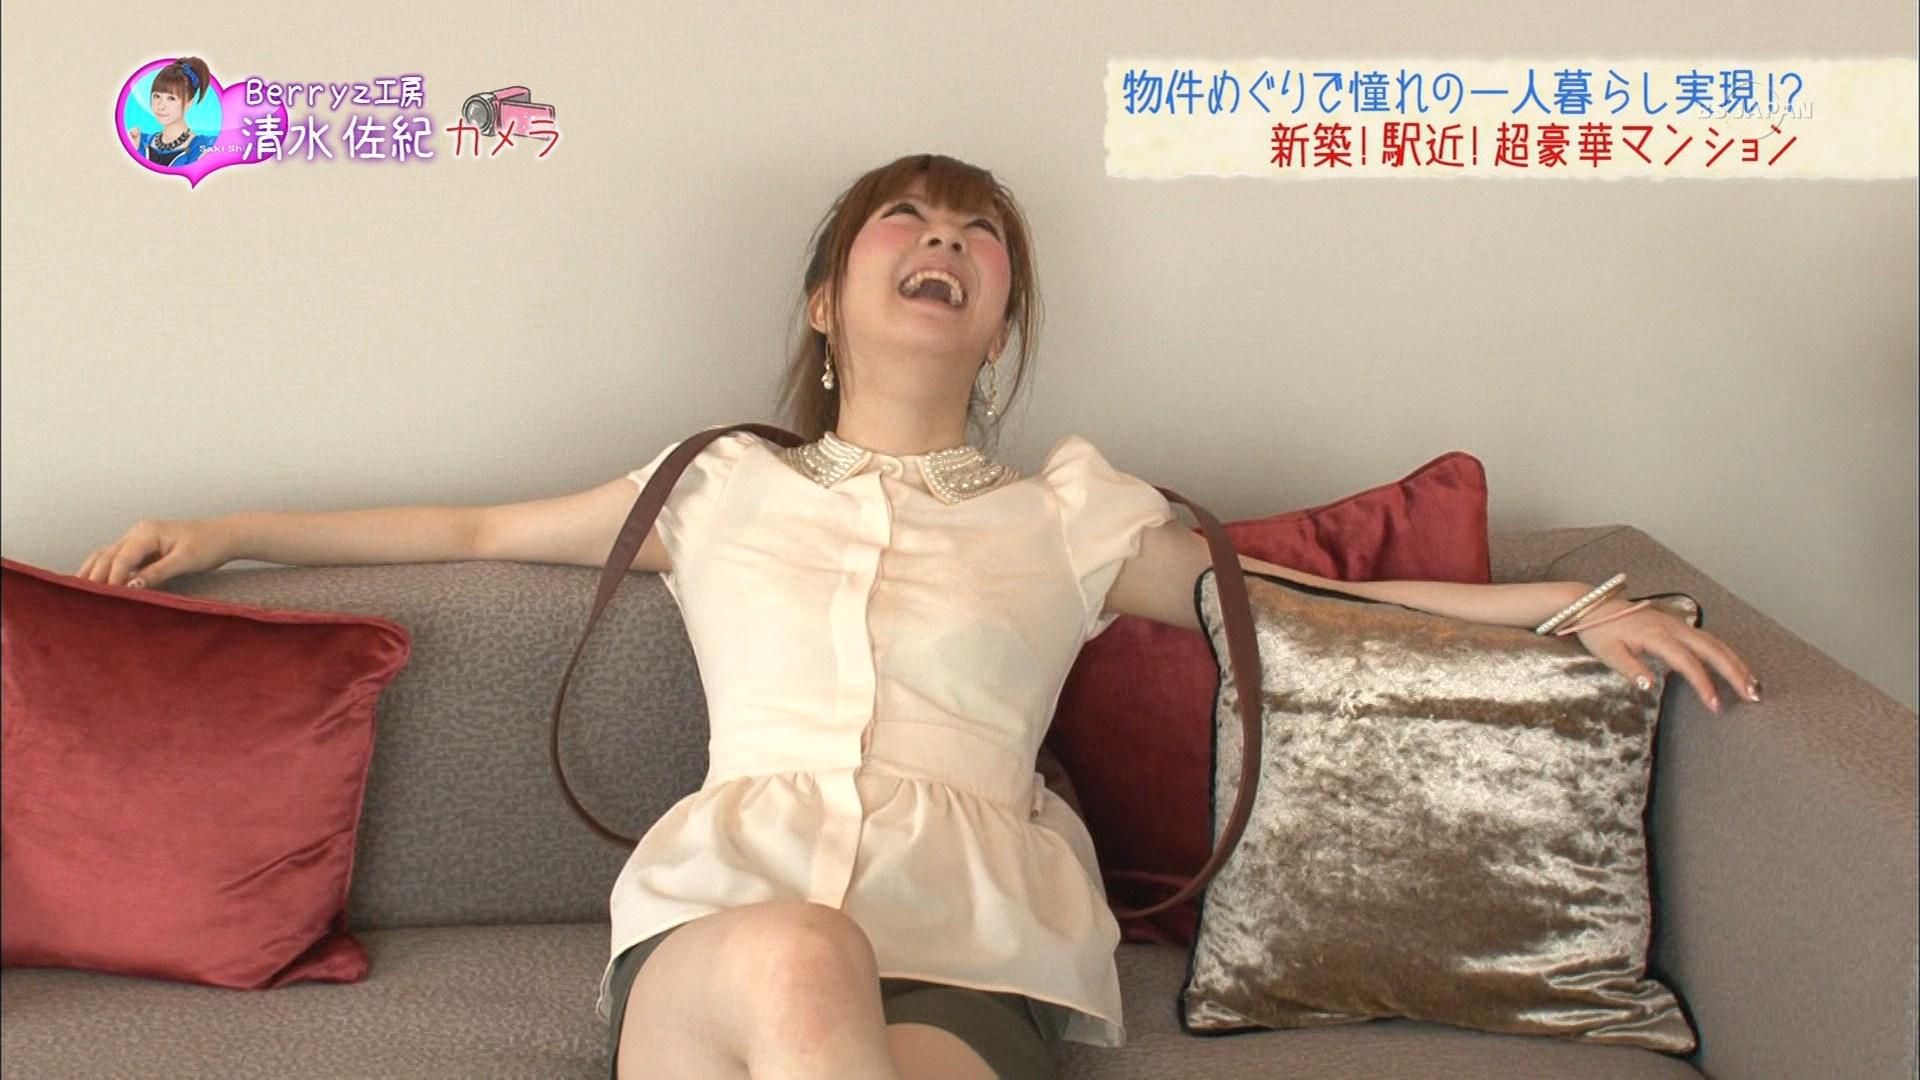 【清水佐紀】お姉さんズFANスレpart118【嗣永桃子】 YouTube動画>9本 ->画像>223枚